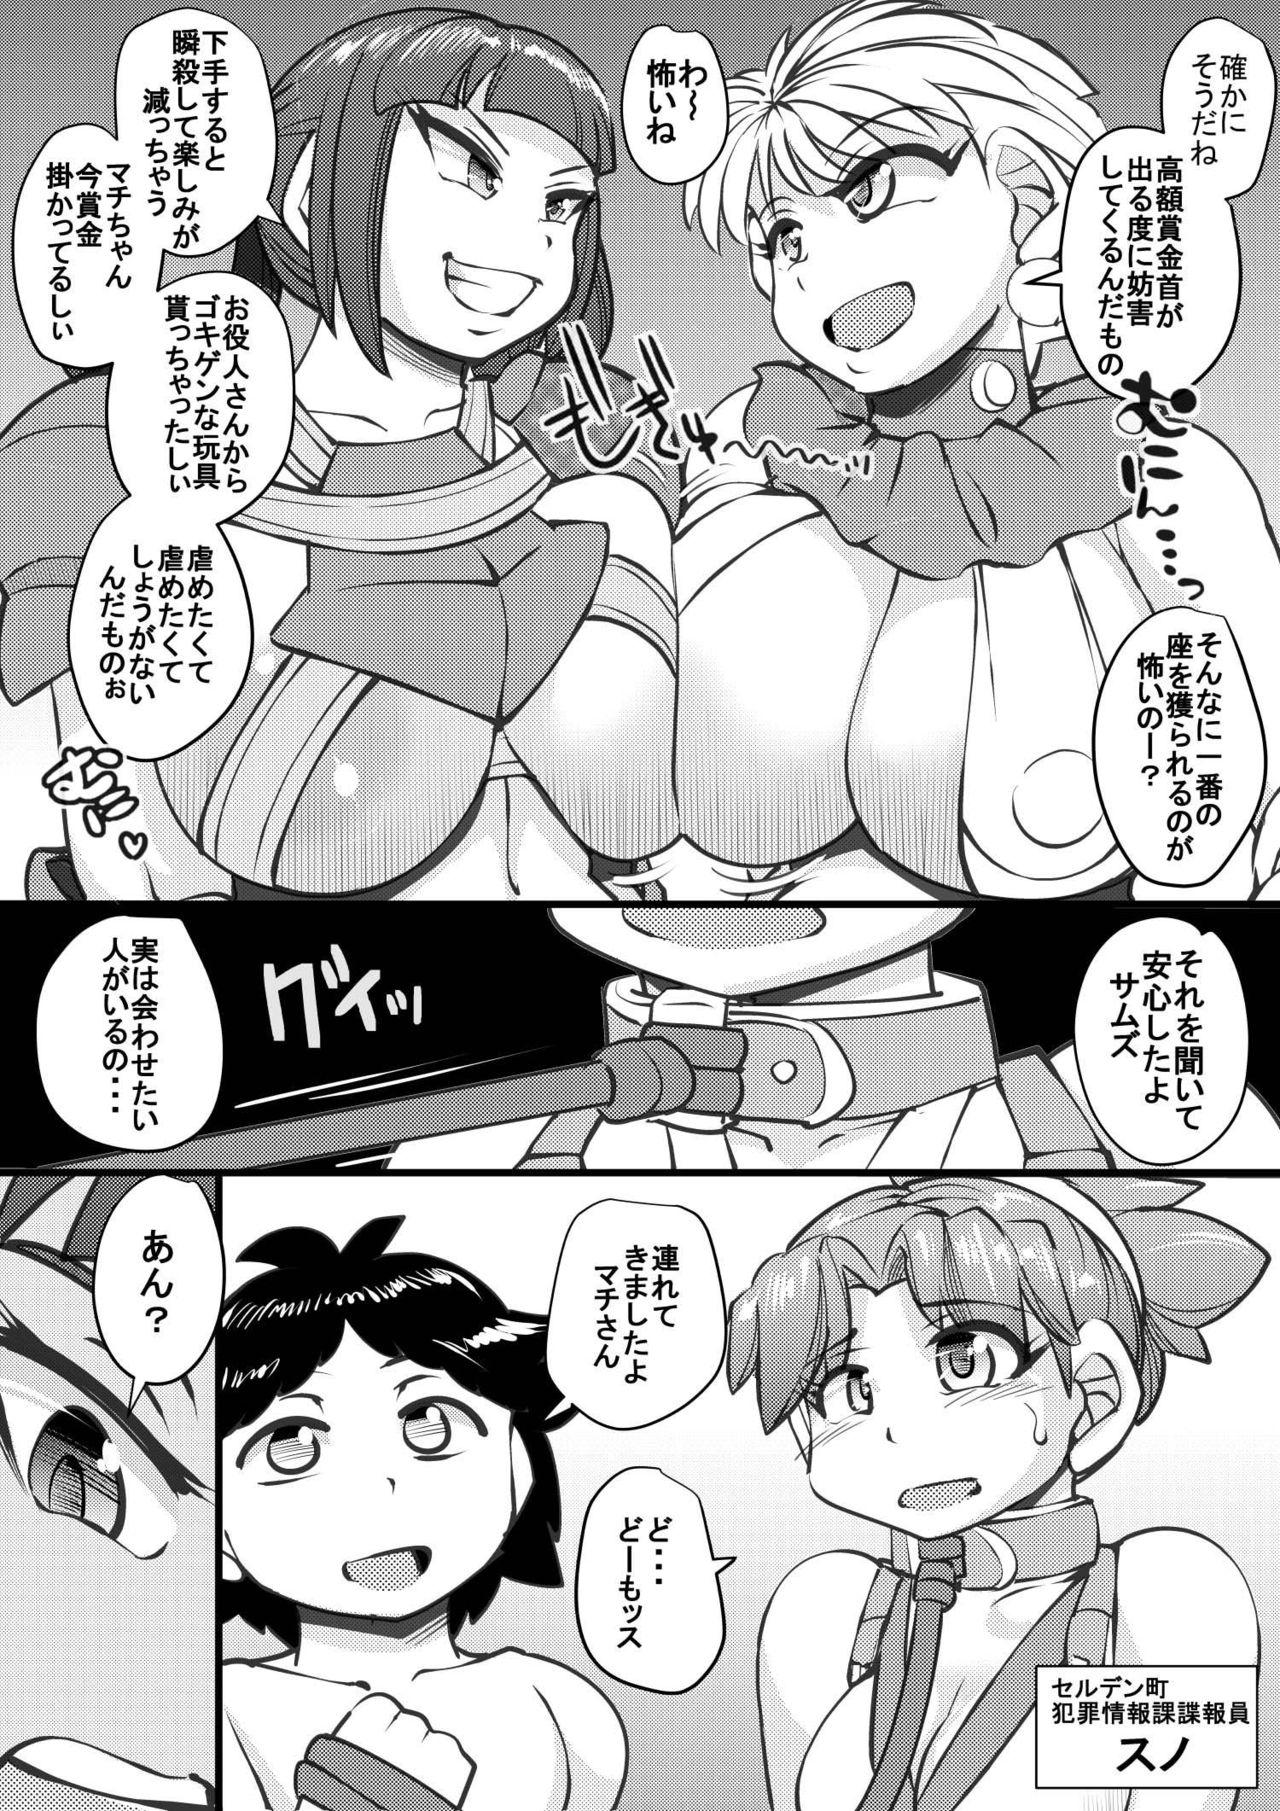 Uchi no Joseito Zenin Haramaseta Kedamono ga Anta no Gakuen ni Iku Rashii yo? 23 8